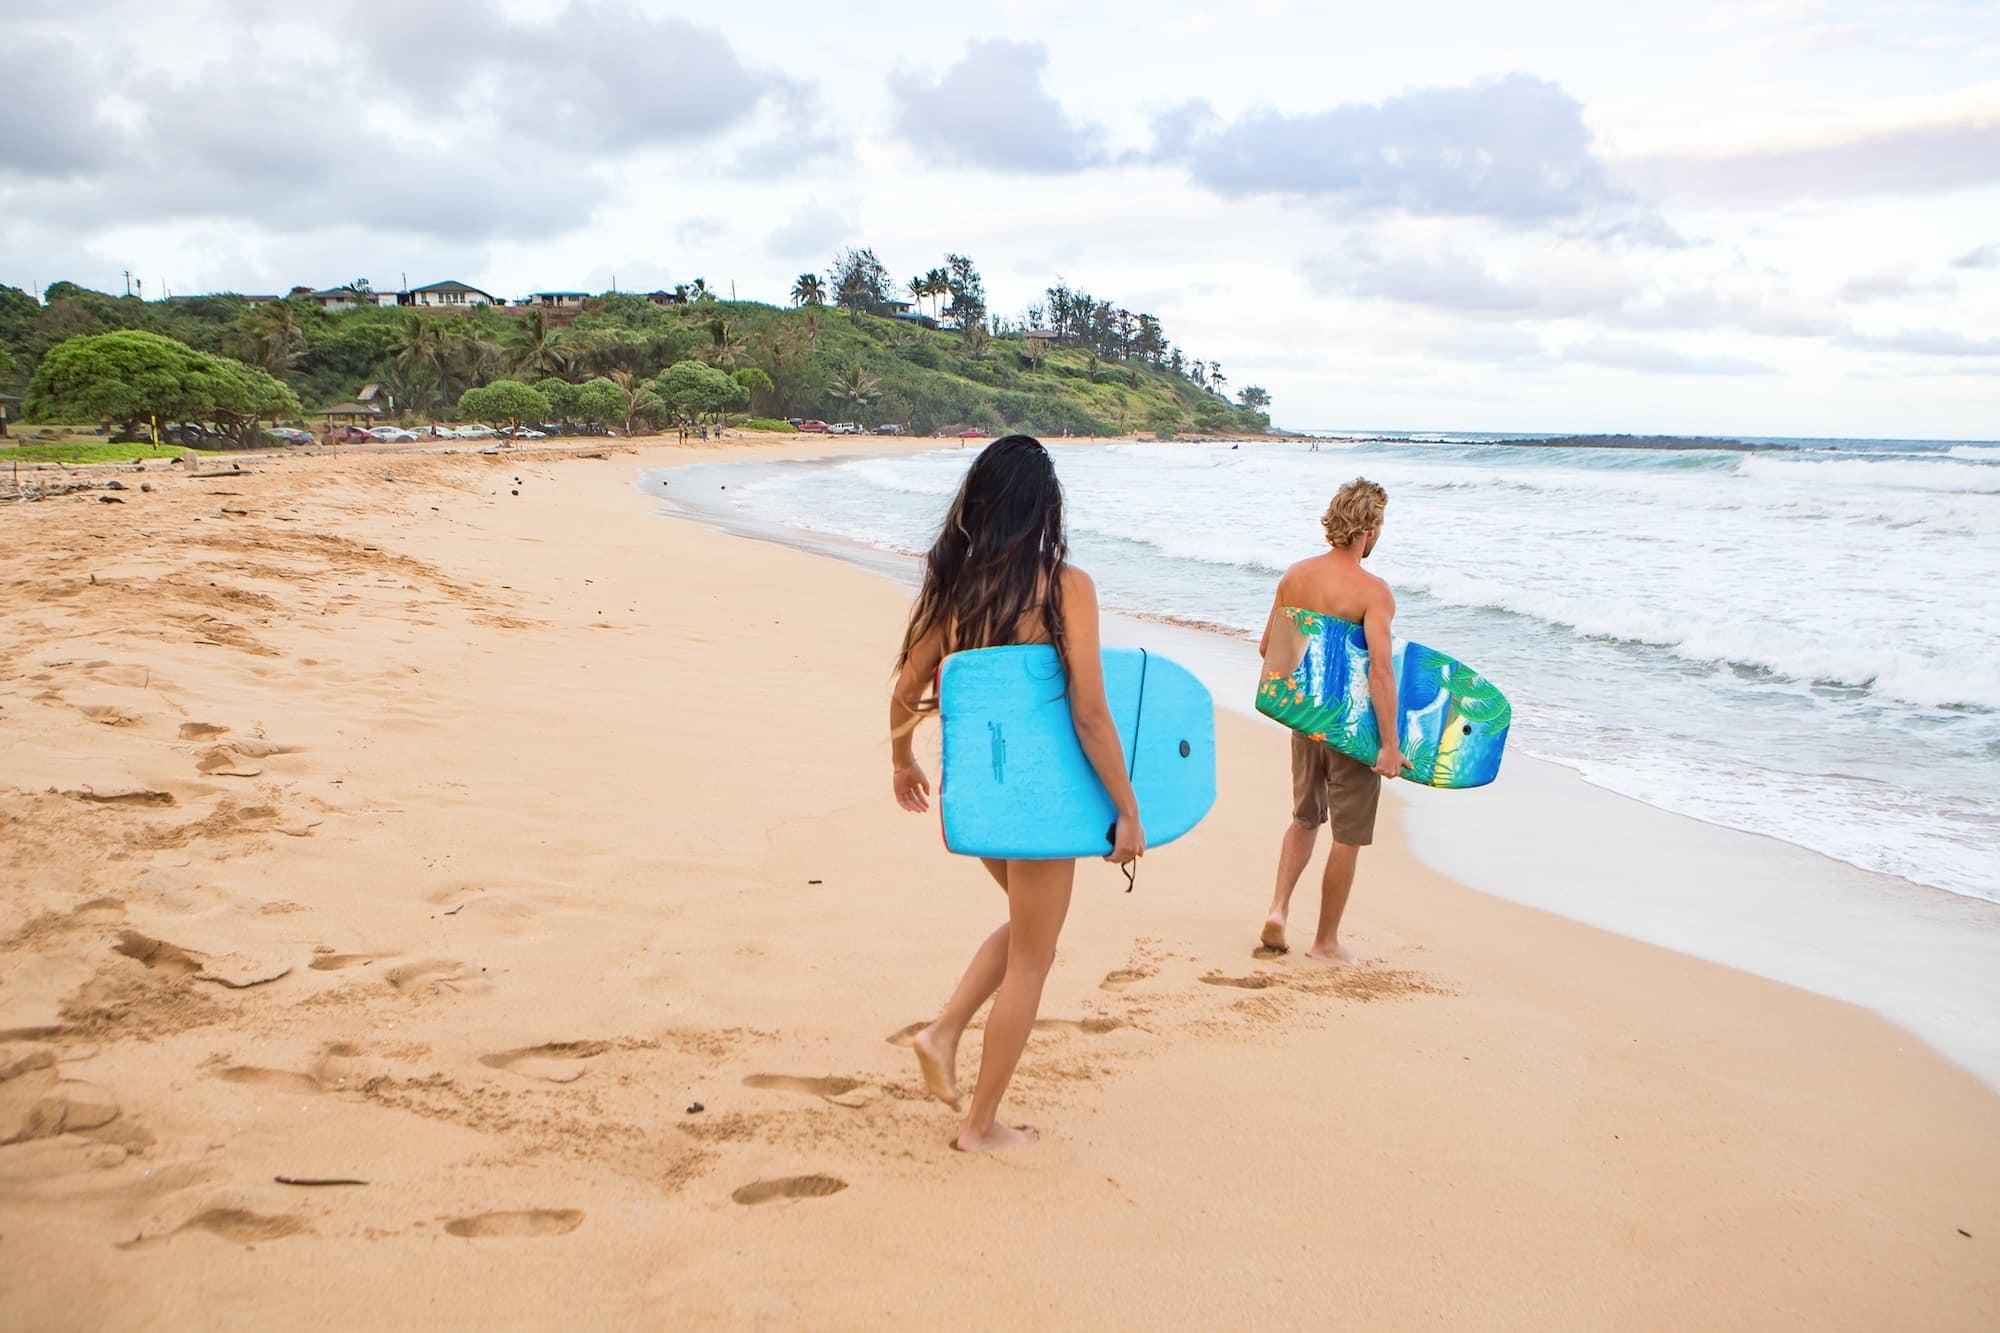 Kauaʻi Beaches